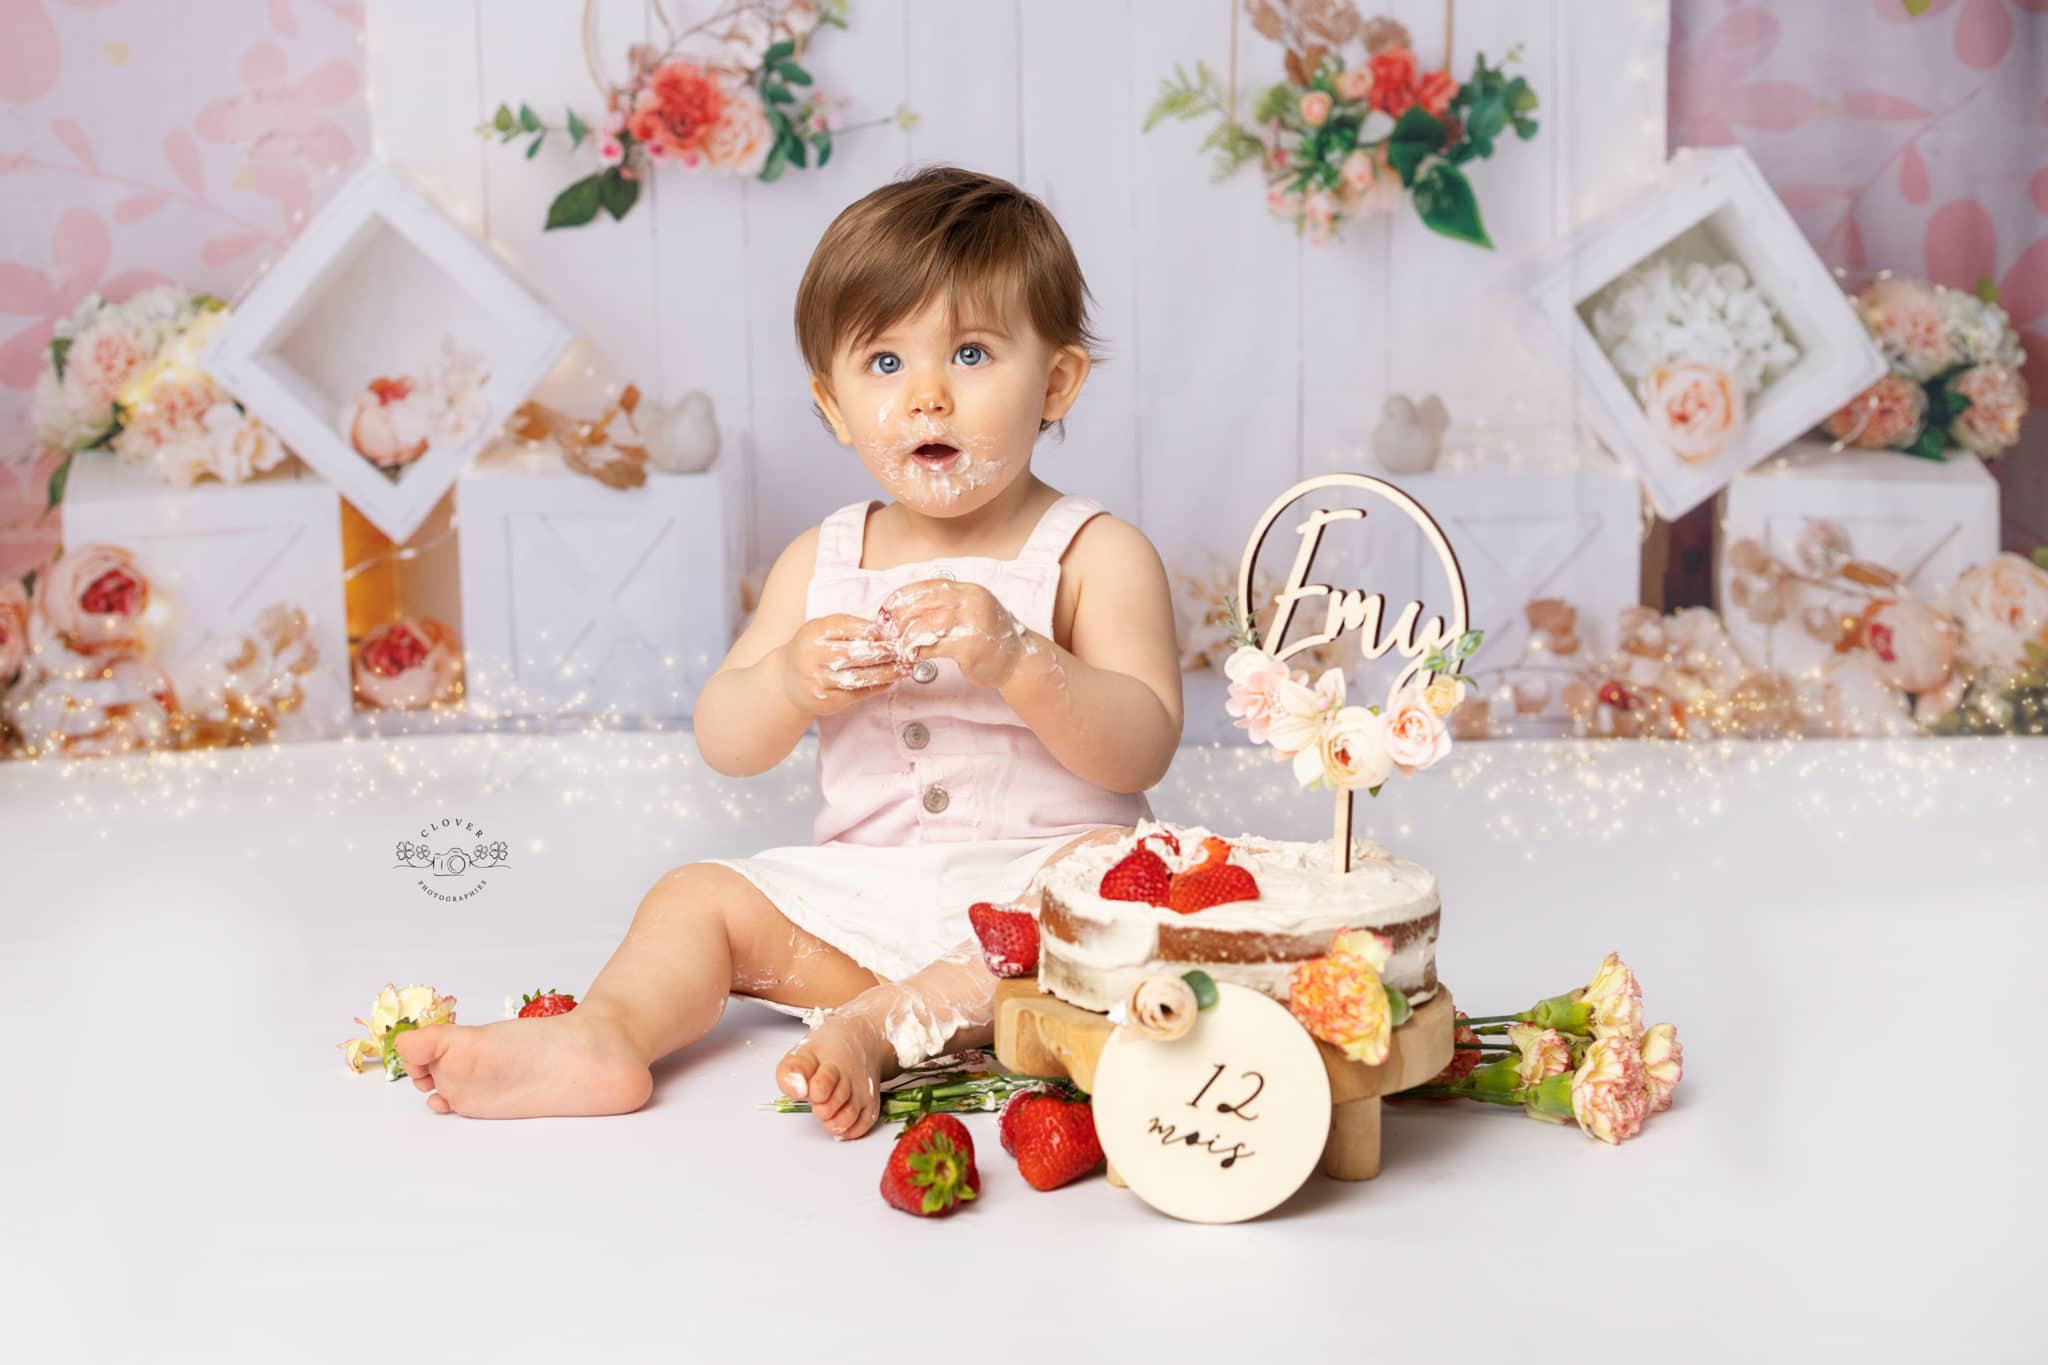 Séance photo bébé anniversaire smash the cake - strasbourg - clover photographies